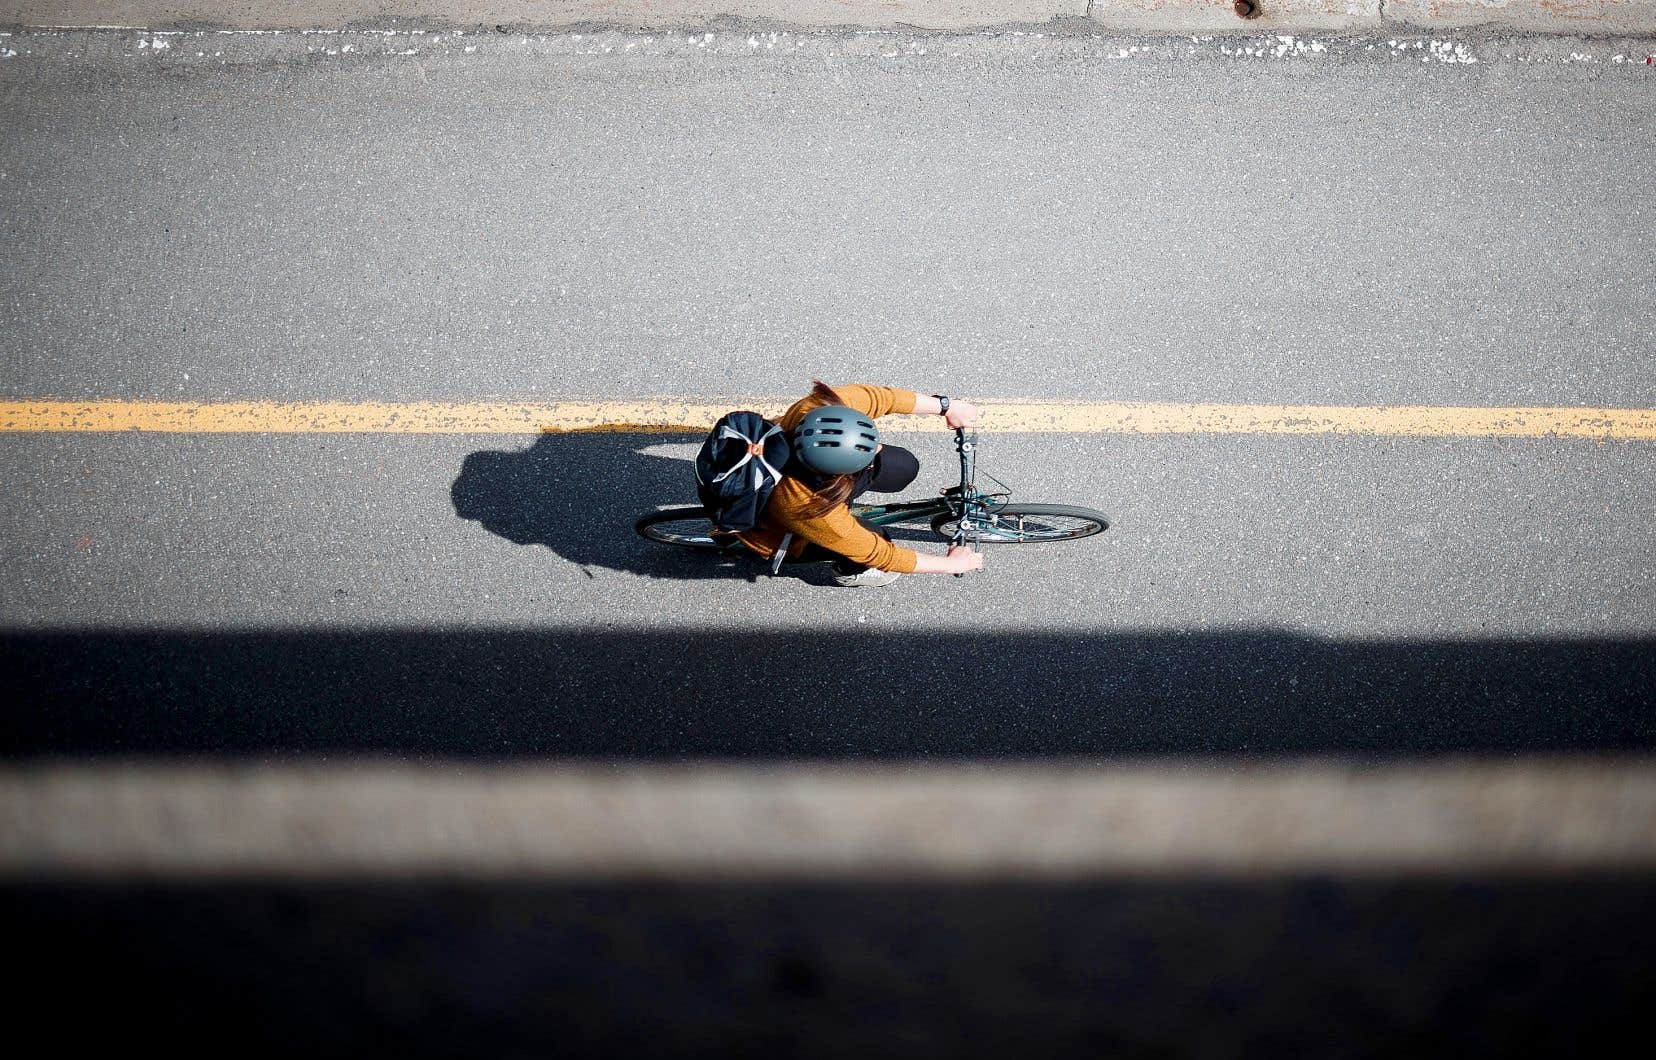 Sans surprise, les pièces de vélos sont aussi très prisées. Chambres à air, chaînes, plaquettes de frein et pneus représenteront également un grand défi d'approvisionnement.